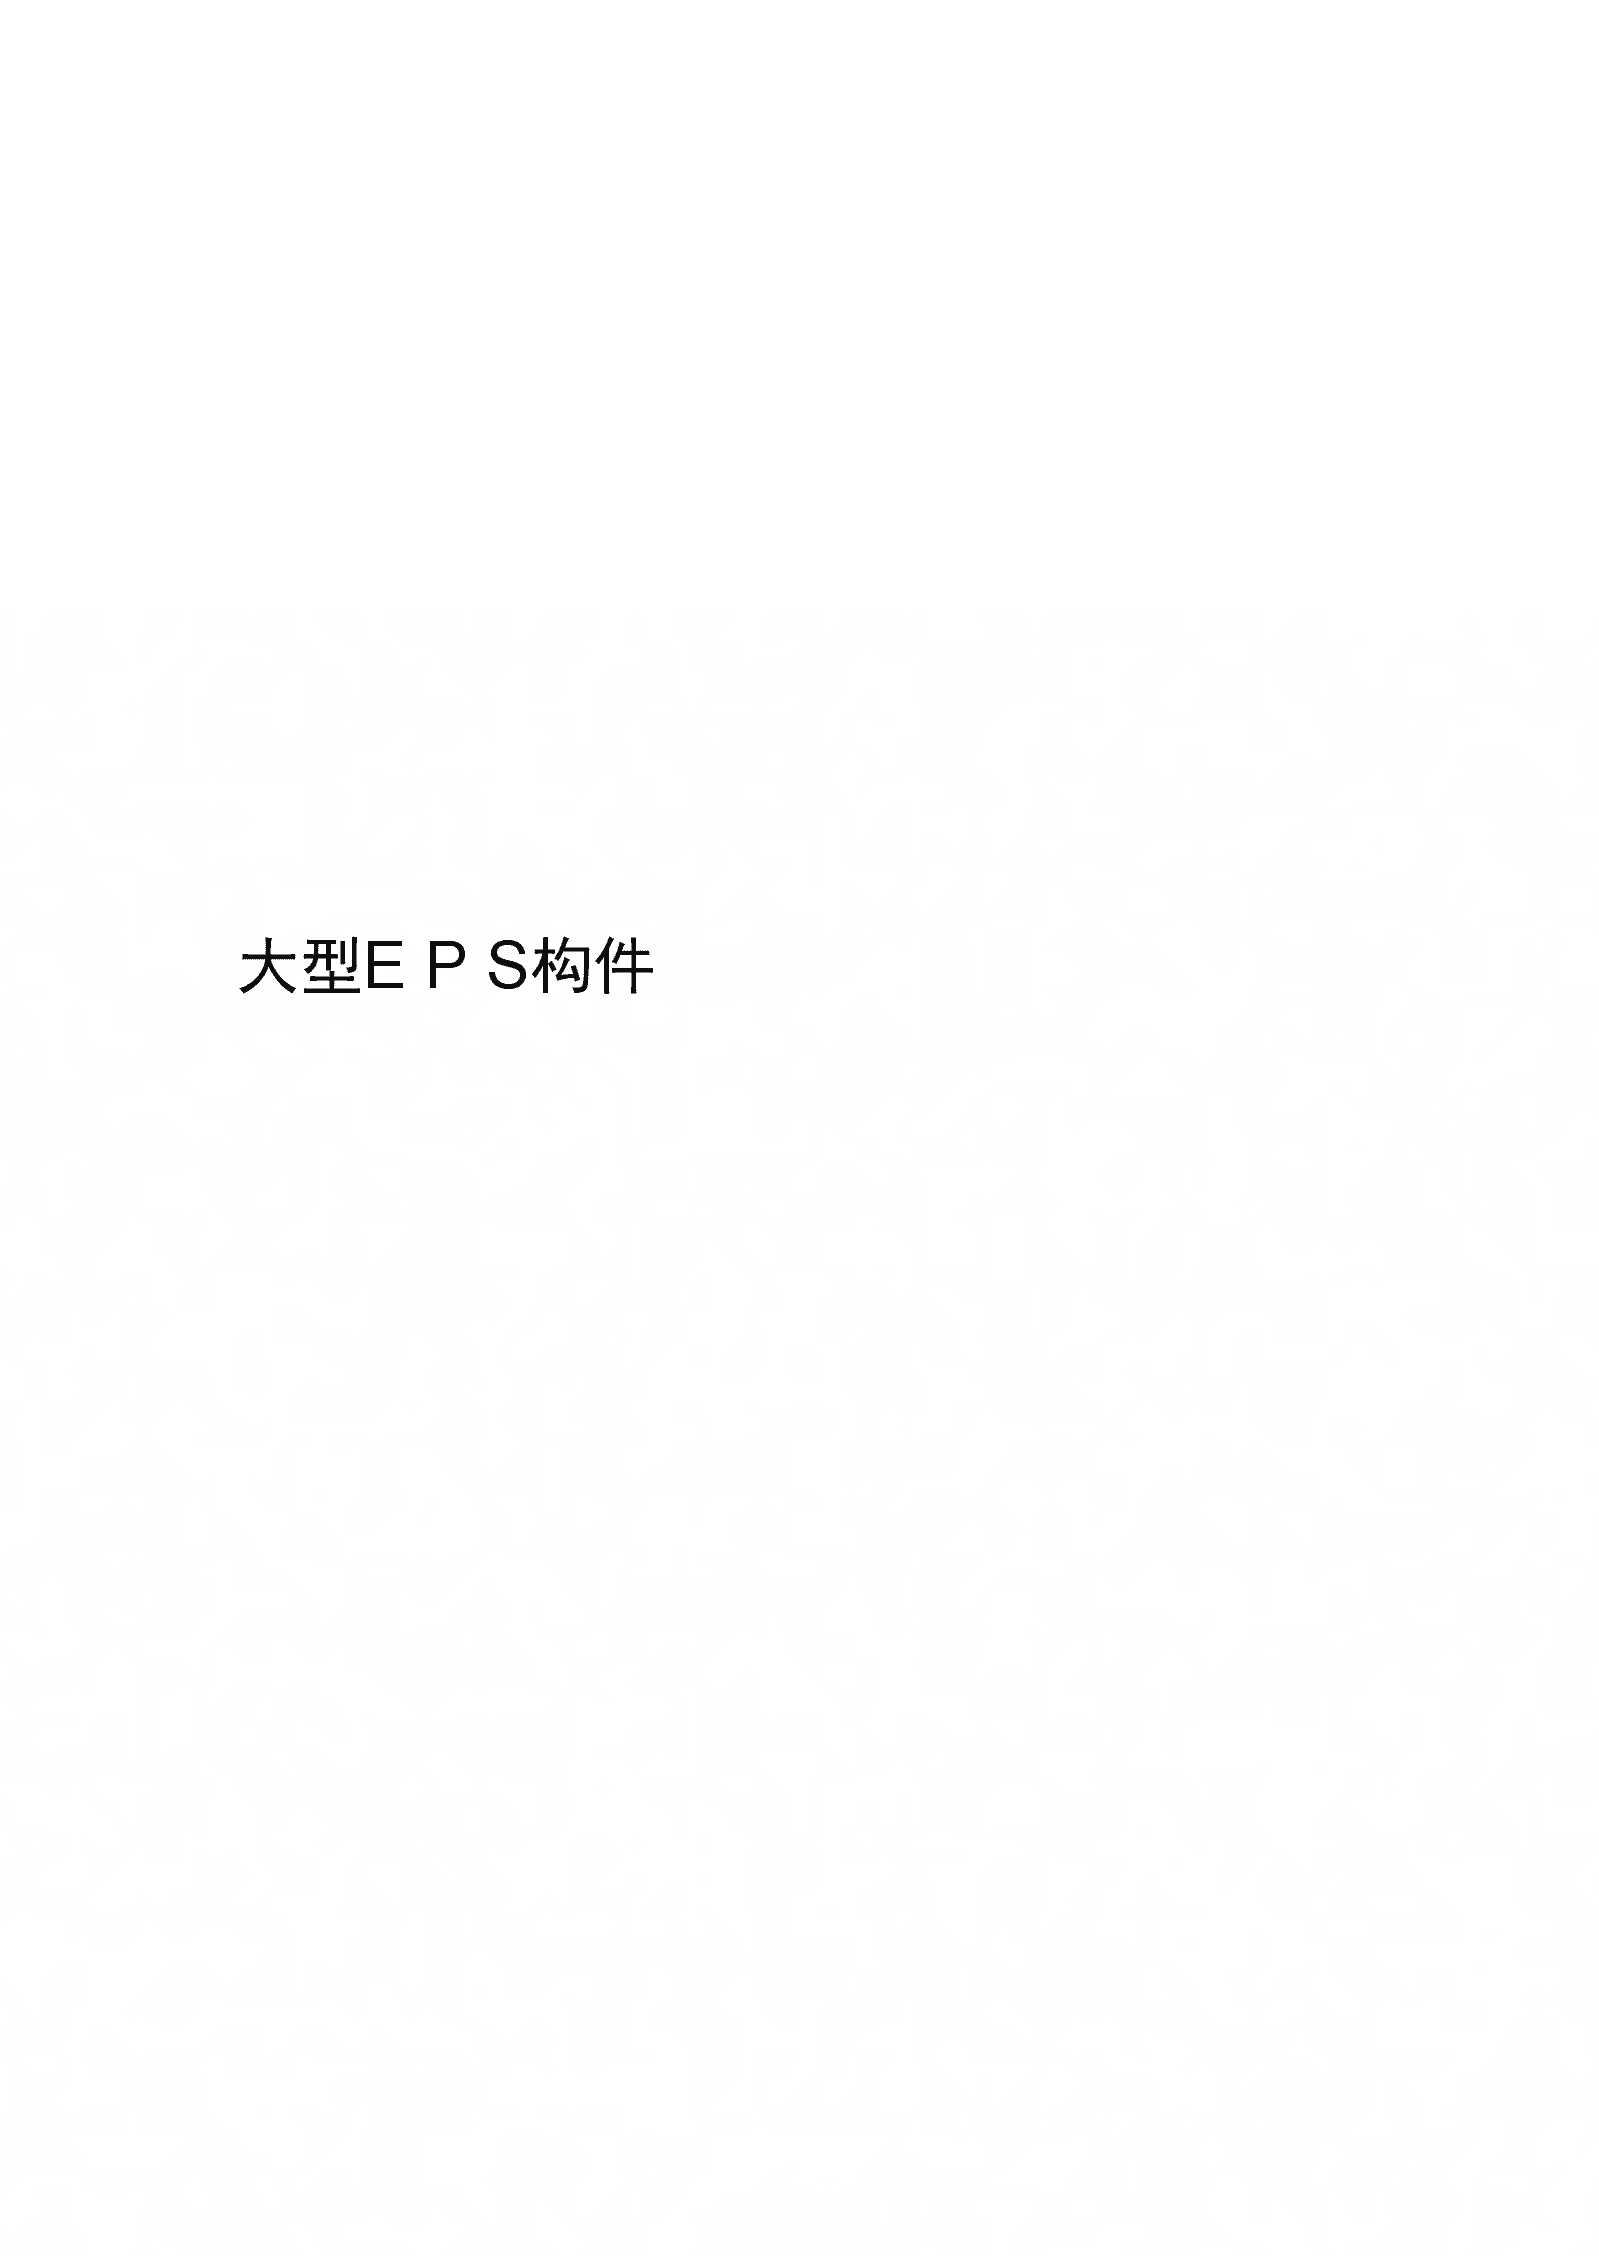 大型EPS构件施工方案(24日).docx